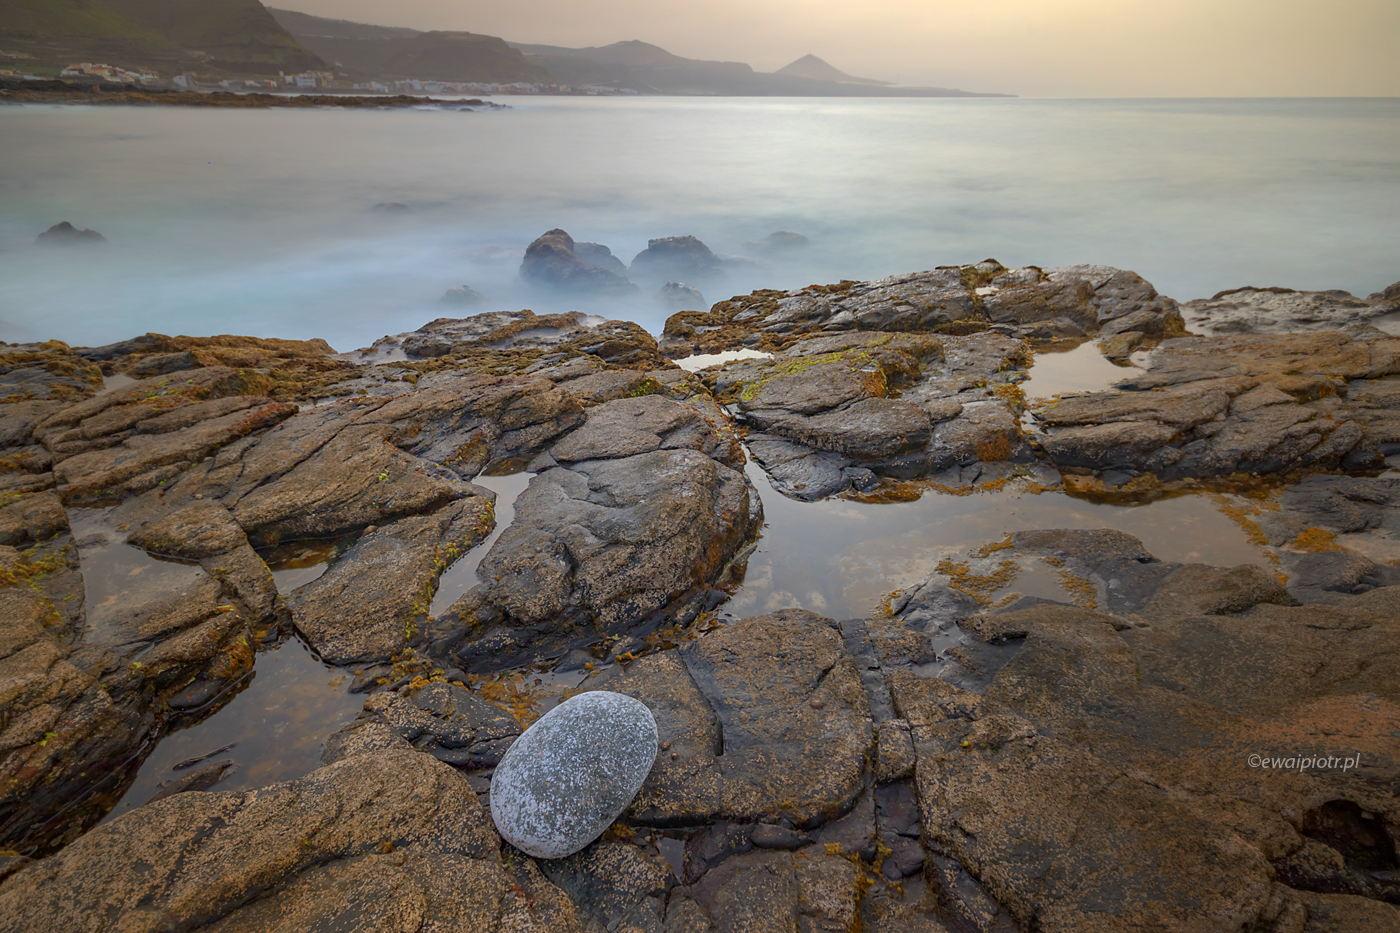 Kamień wśród głazów, Gran Canaria, Wyspy Kanaryjskie